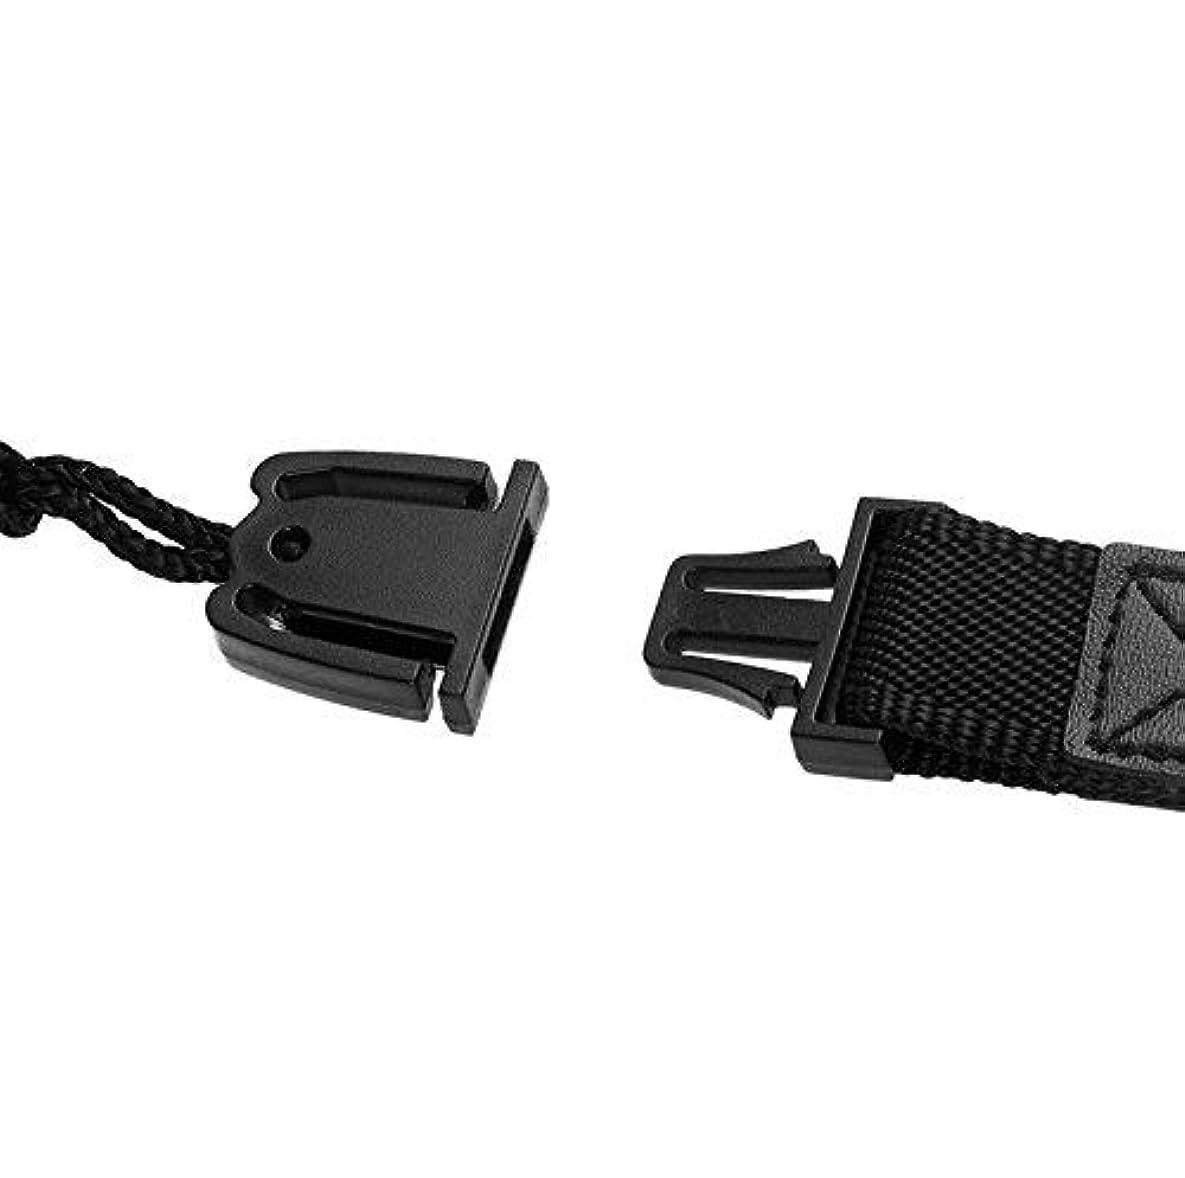 熱ガレージ電極gundoop Gopro用ネックストラップ ショルダーストラップ 胸ストラップマウント 脱落防止 取り外し可能(スタイル2)